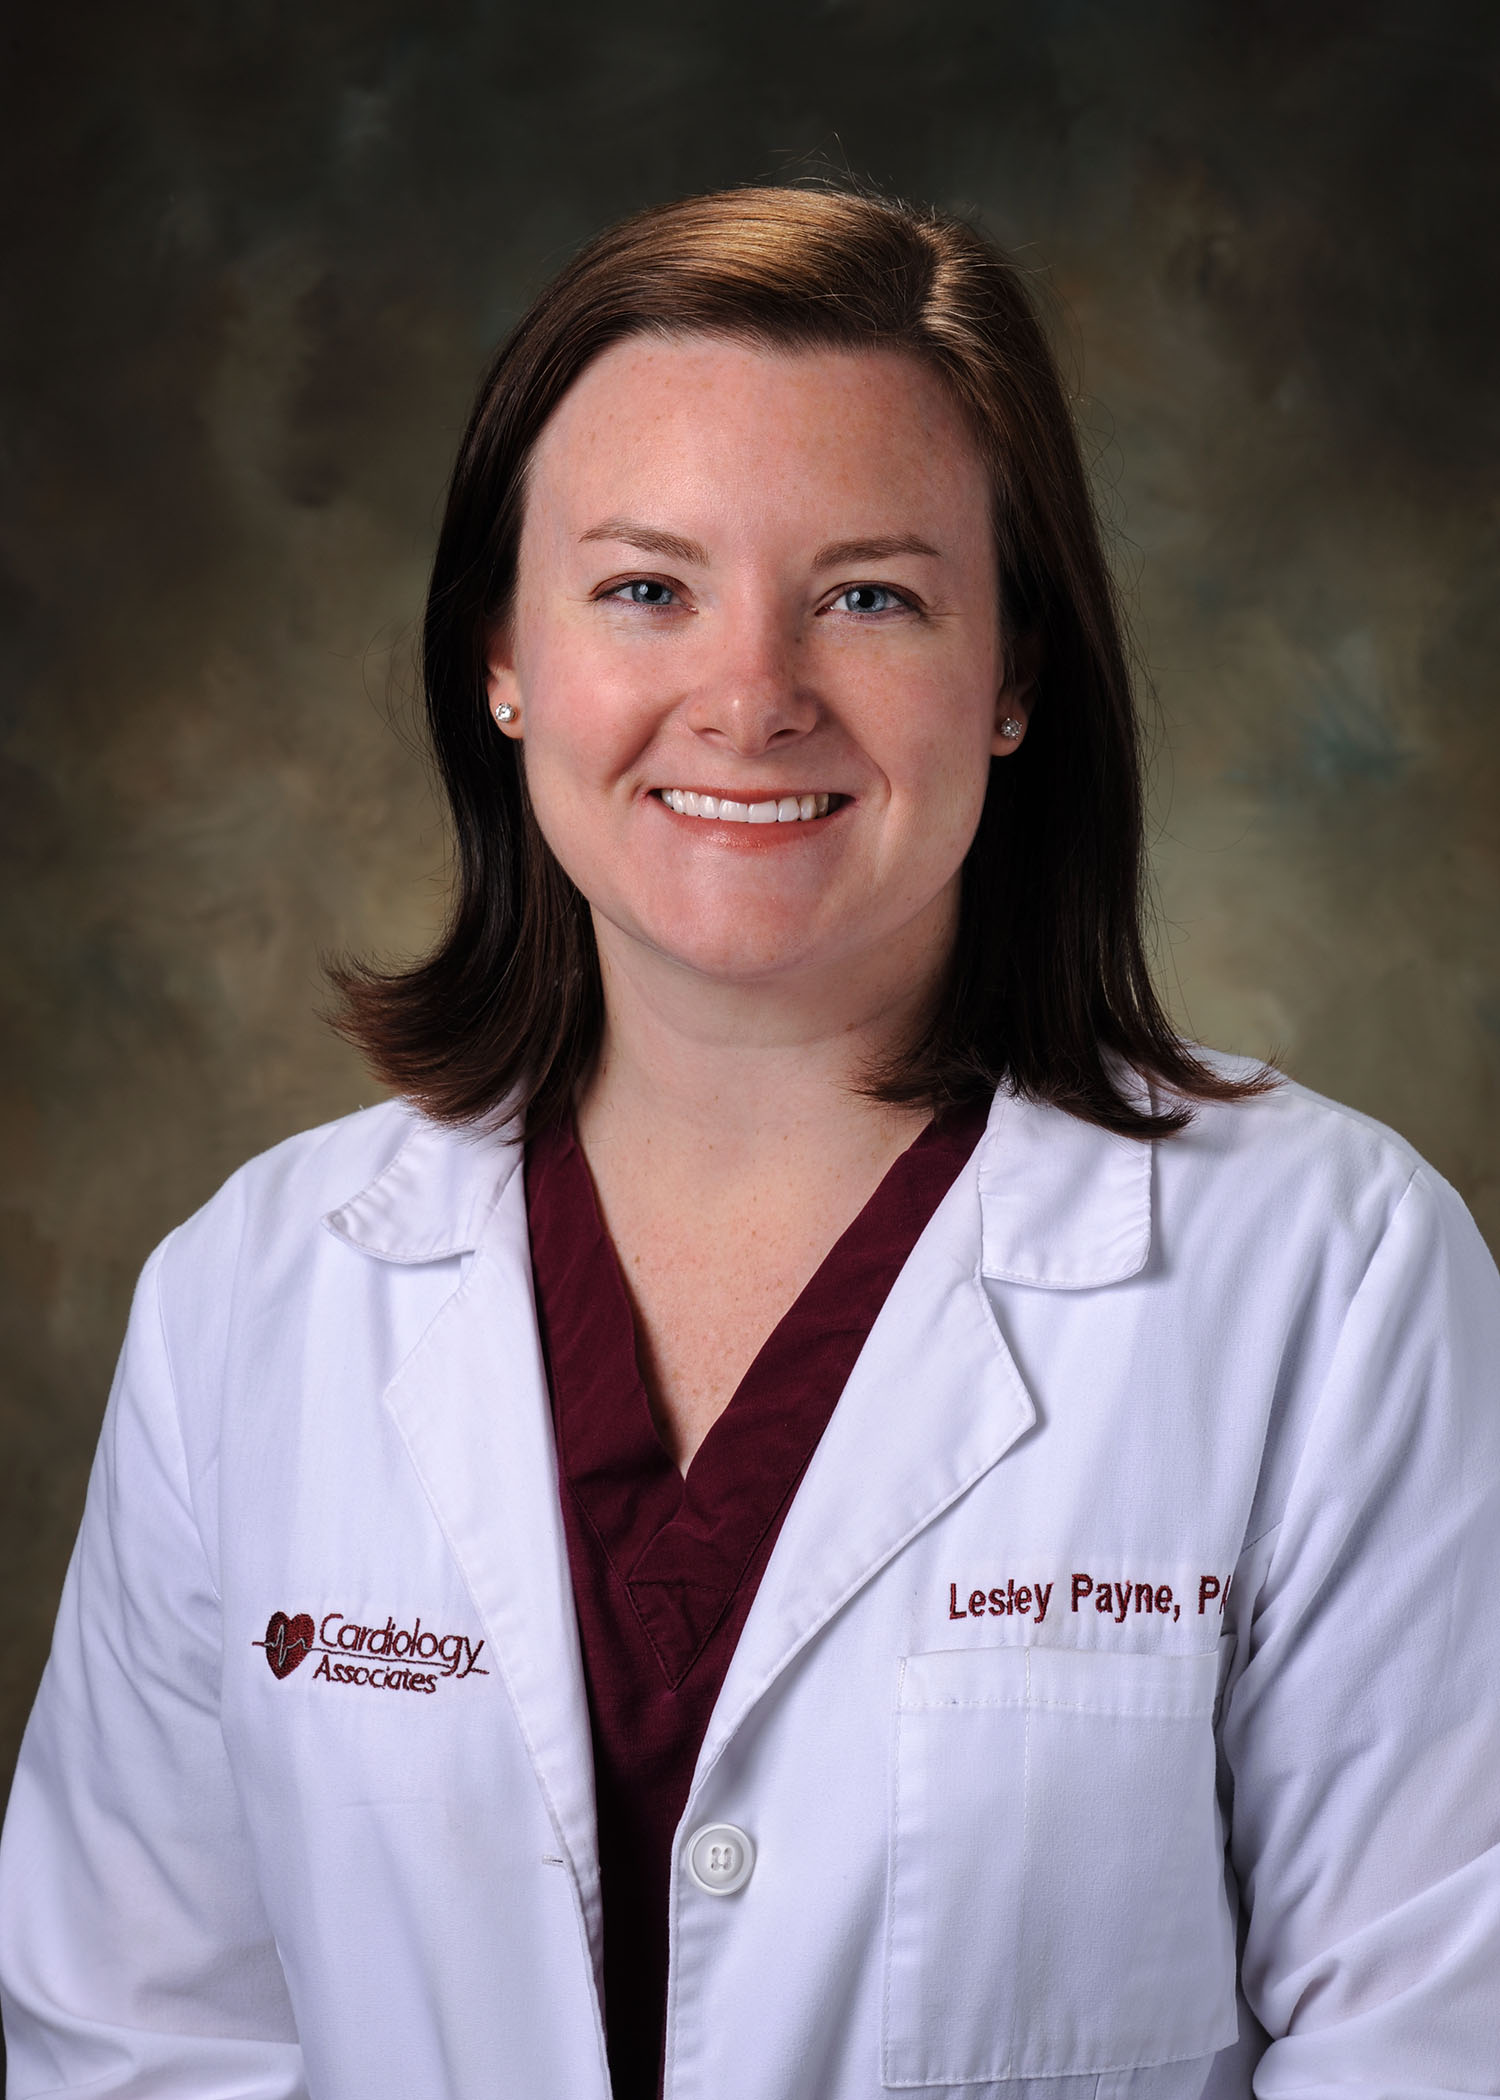 Lesley Payne, PA